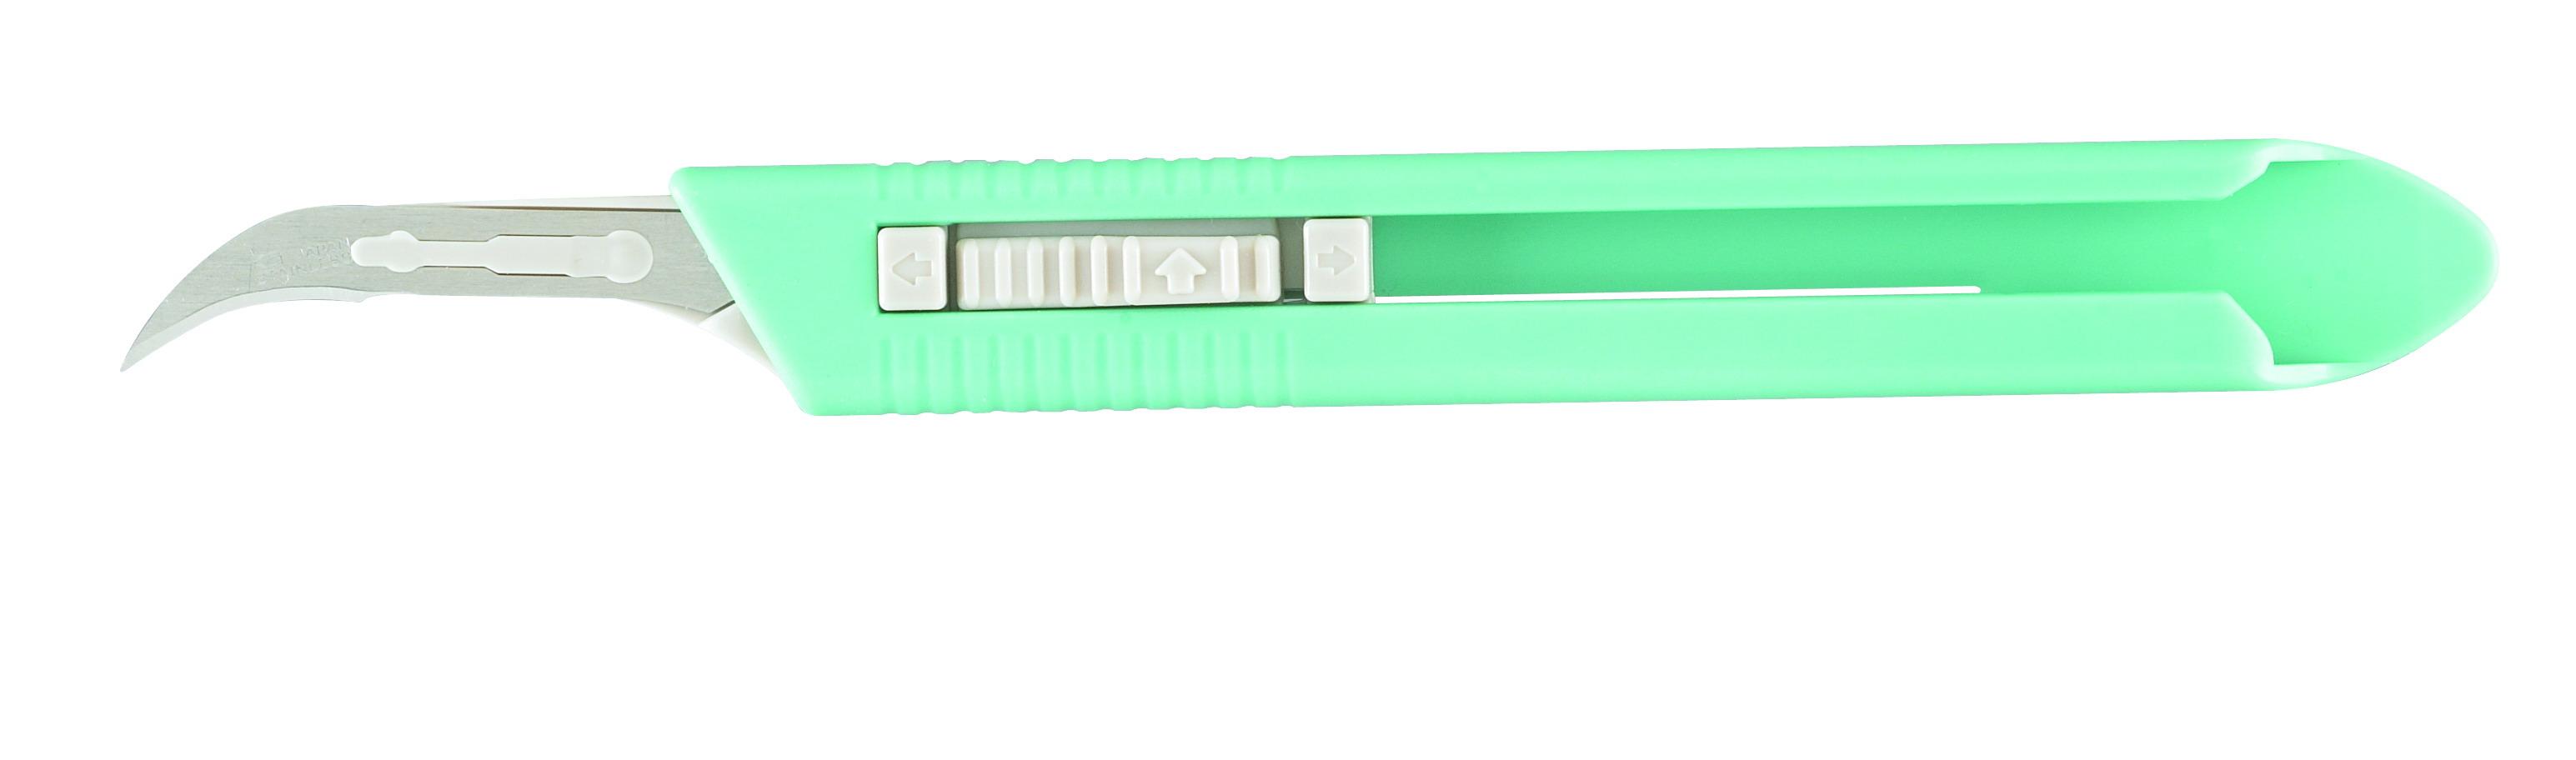 disp-safety-scalpel-no-12-4-512-miltex.jpg